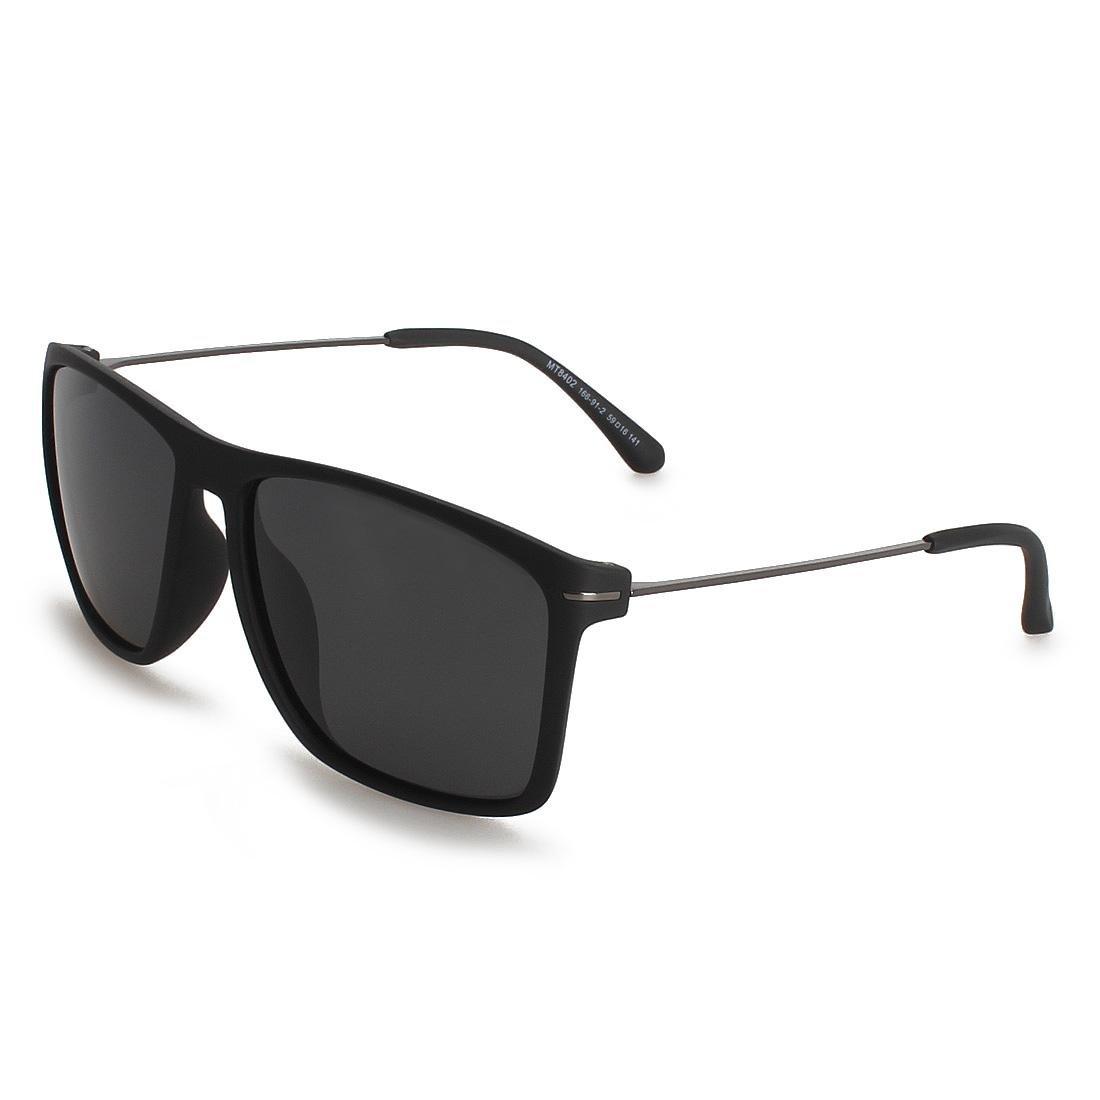 Очки YAMANNI - широкий выбор товаров и магазинов. Сравните цены! 85ec615854a